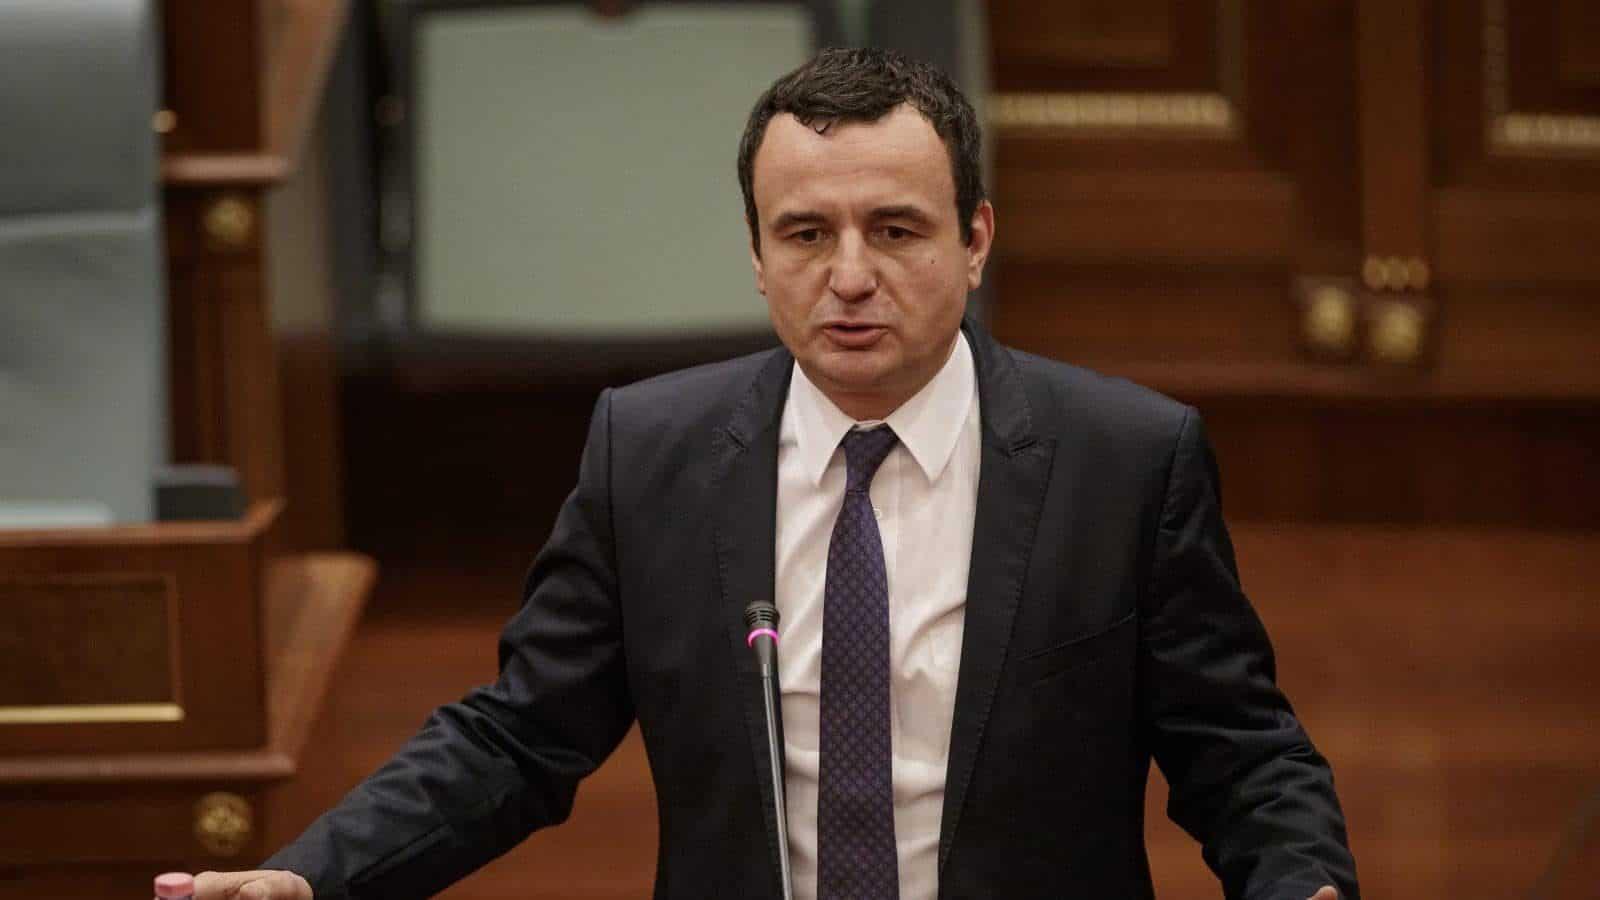 Premierul interimar Albin Kurti, îngrijorat de planurile administrației Trump în regiune